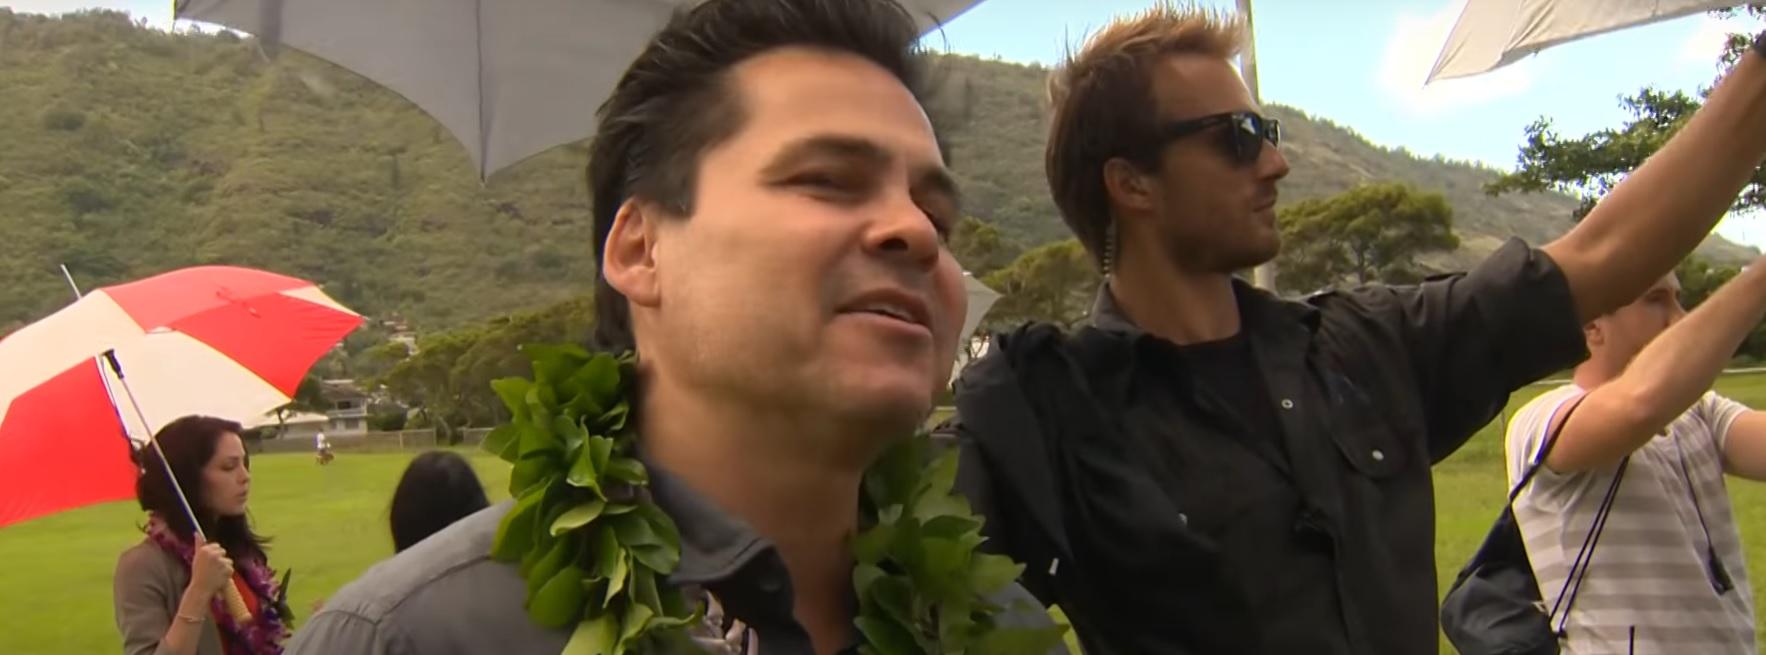 Peter Lenkov zwolniony przez CBS. Twórca MacGyvera i Hawaii 5.0 nie będzie robić seriali